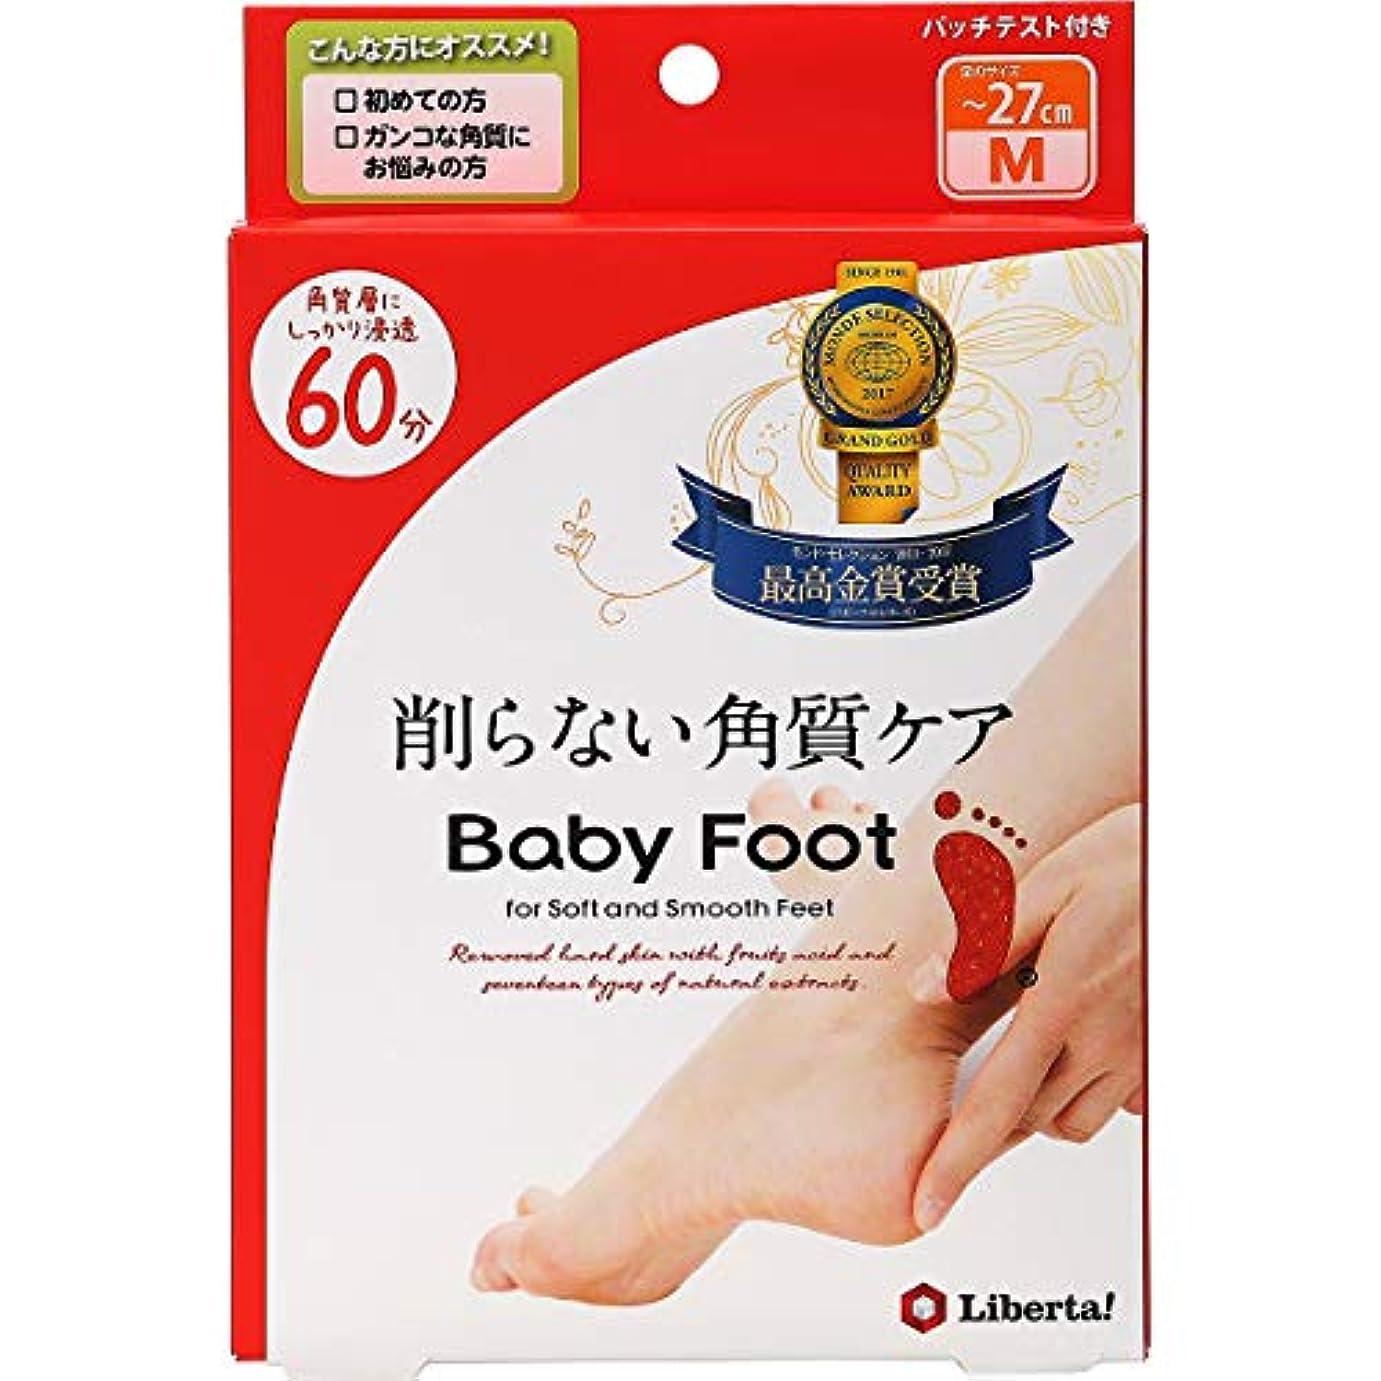 マージン見せますご飯ベビーフット (Baby Foot) ベビーフット イージーパック SPT60分タイプ Mサイズ 単品